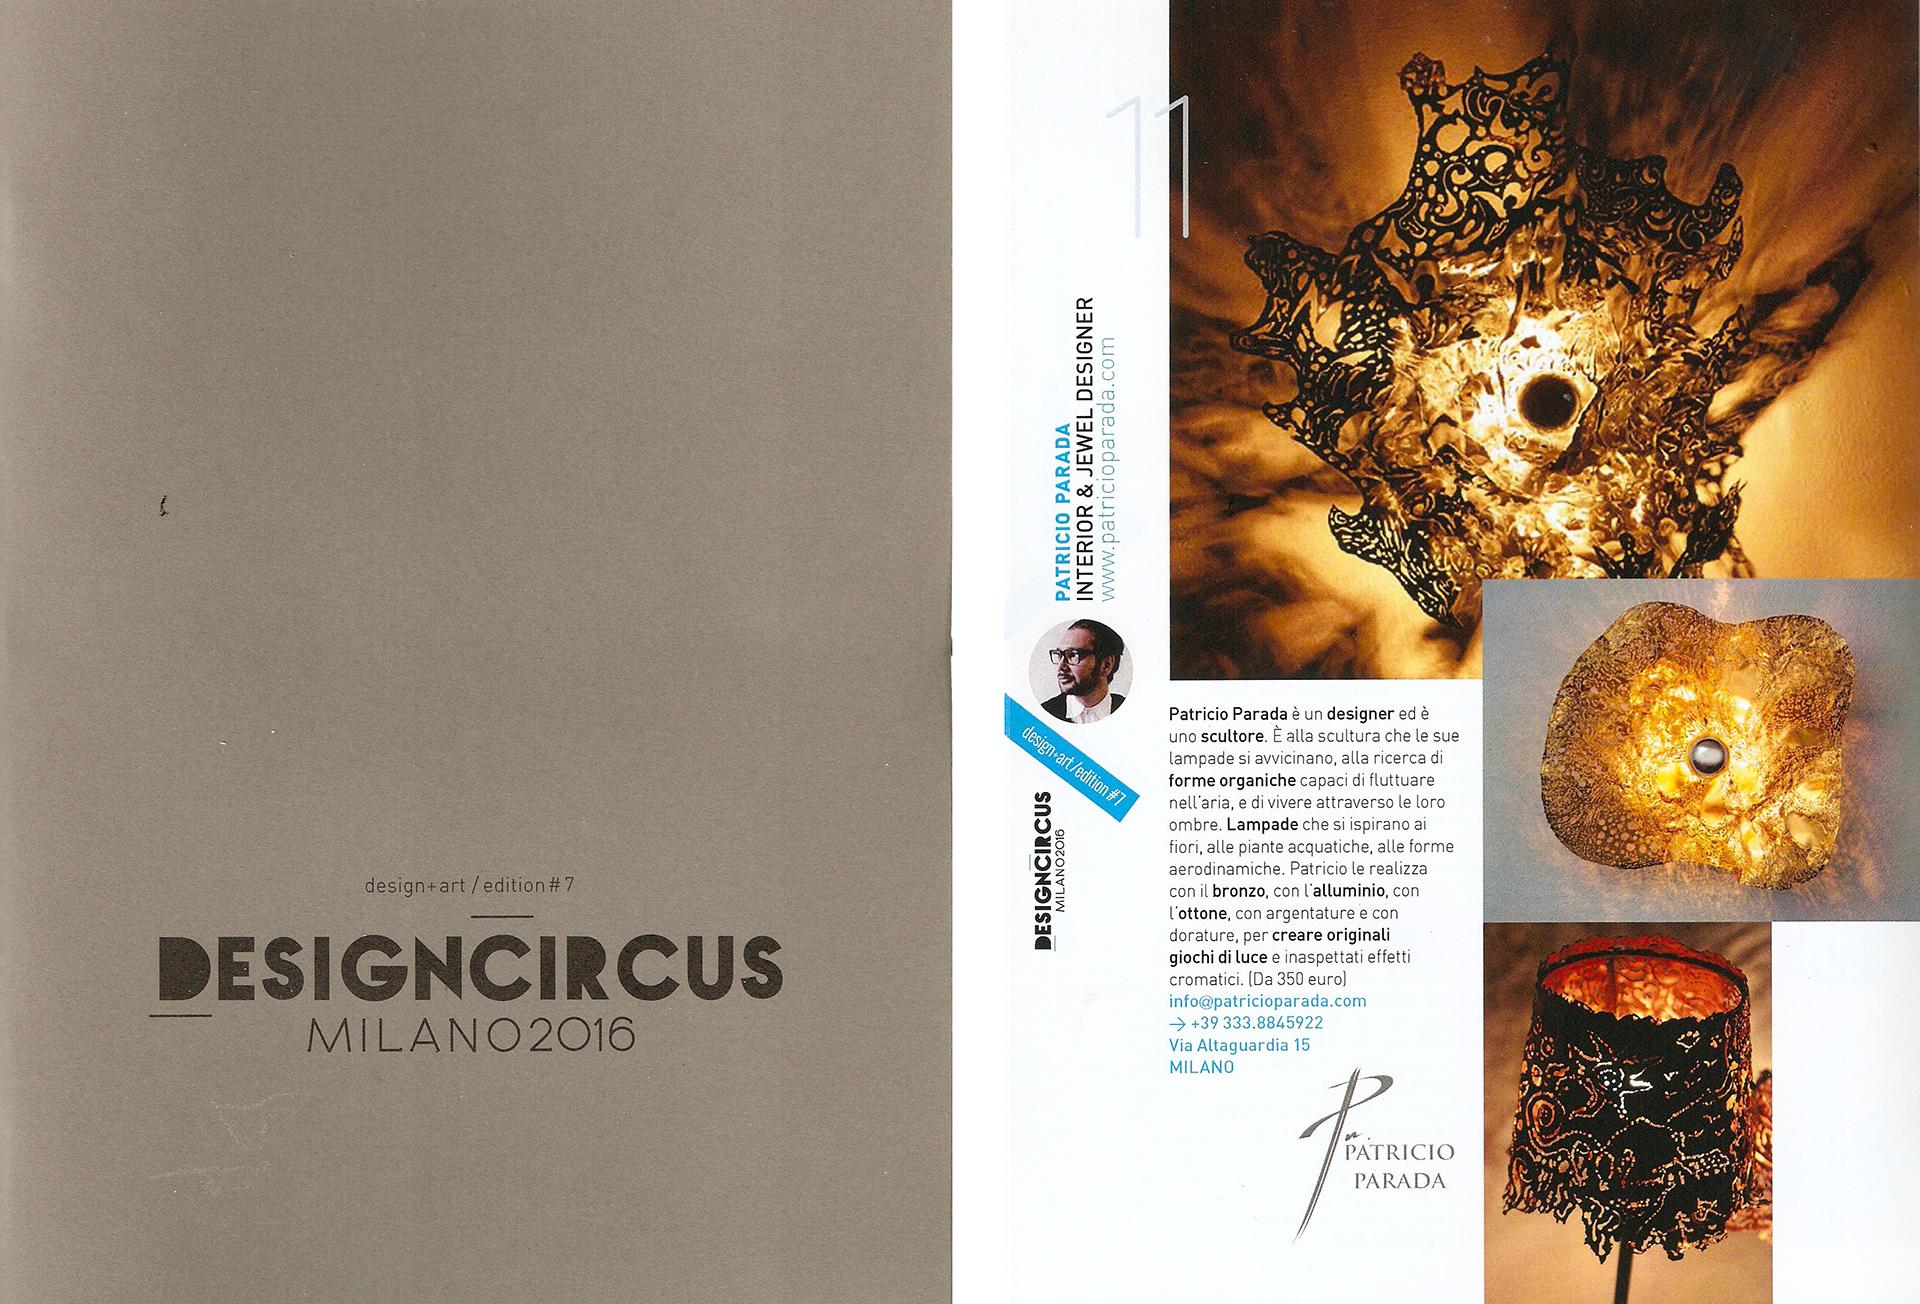 design-circus